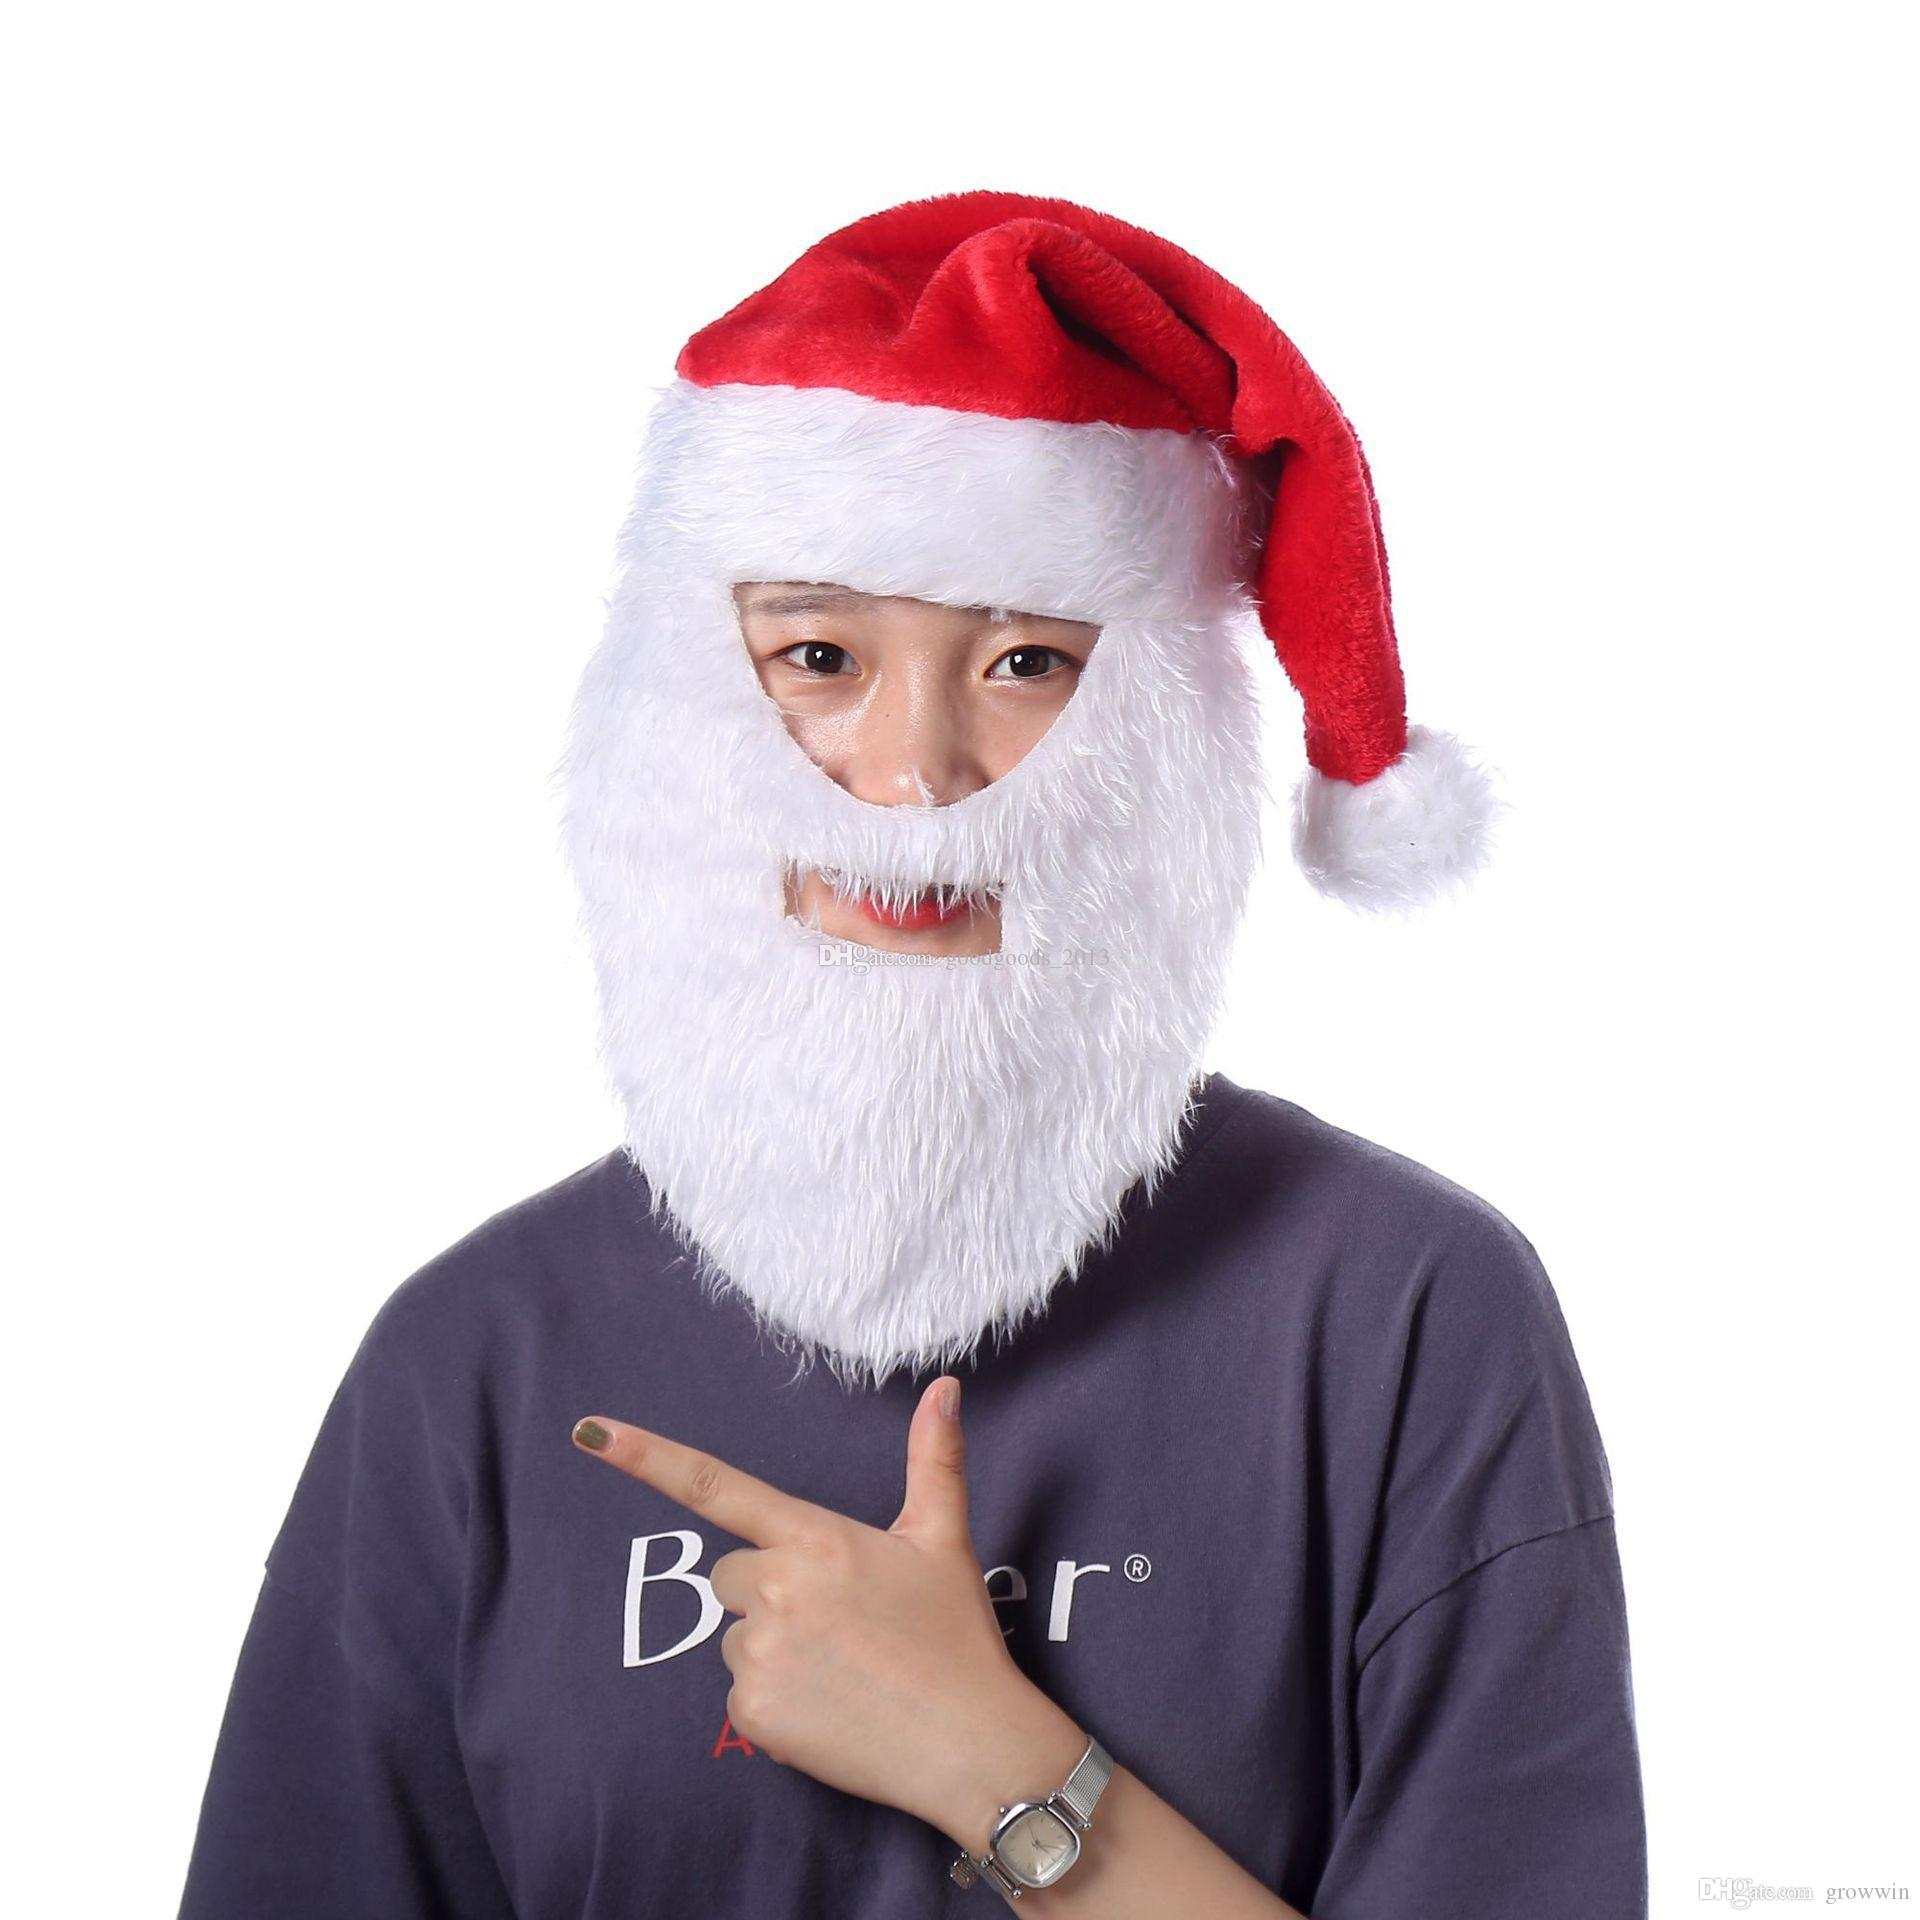 Рождество косплей шляпы бархат мягкий плюш Санта-Клаус борода шляпа маска 2020 теплая зима взрослые дети Рождество крышка рождественские принадлежности D0913